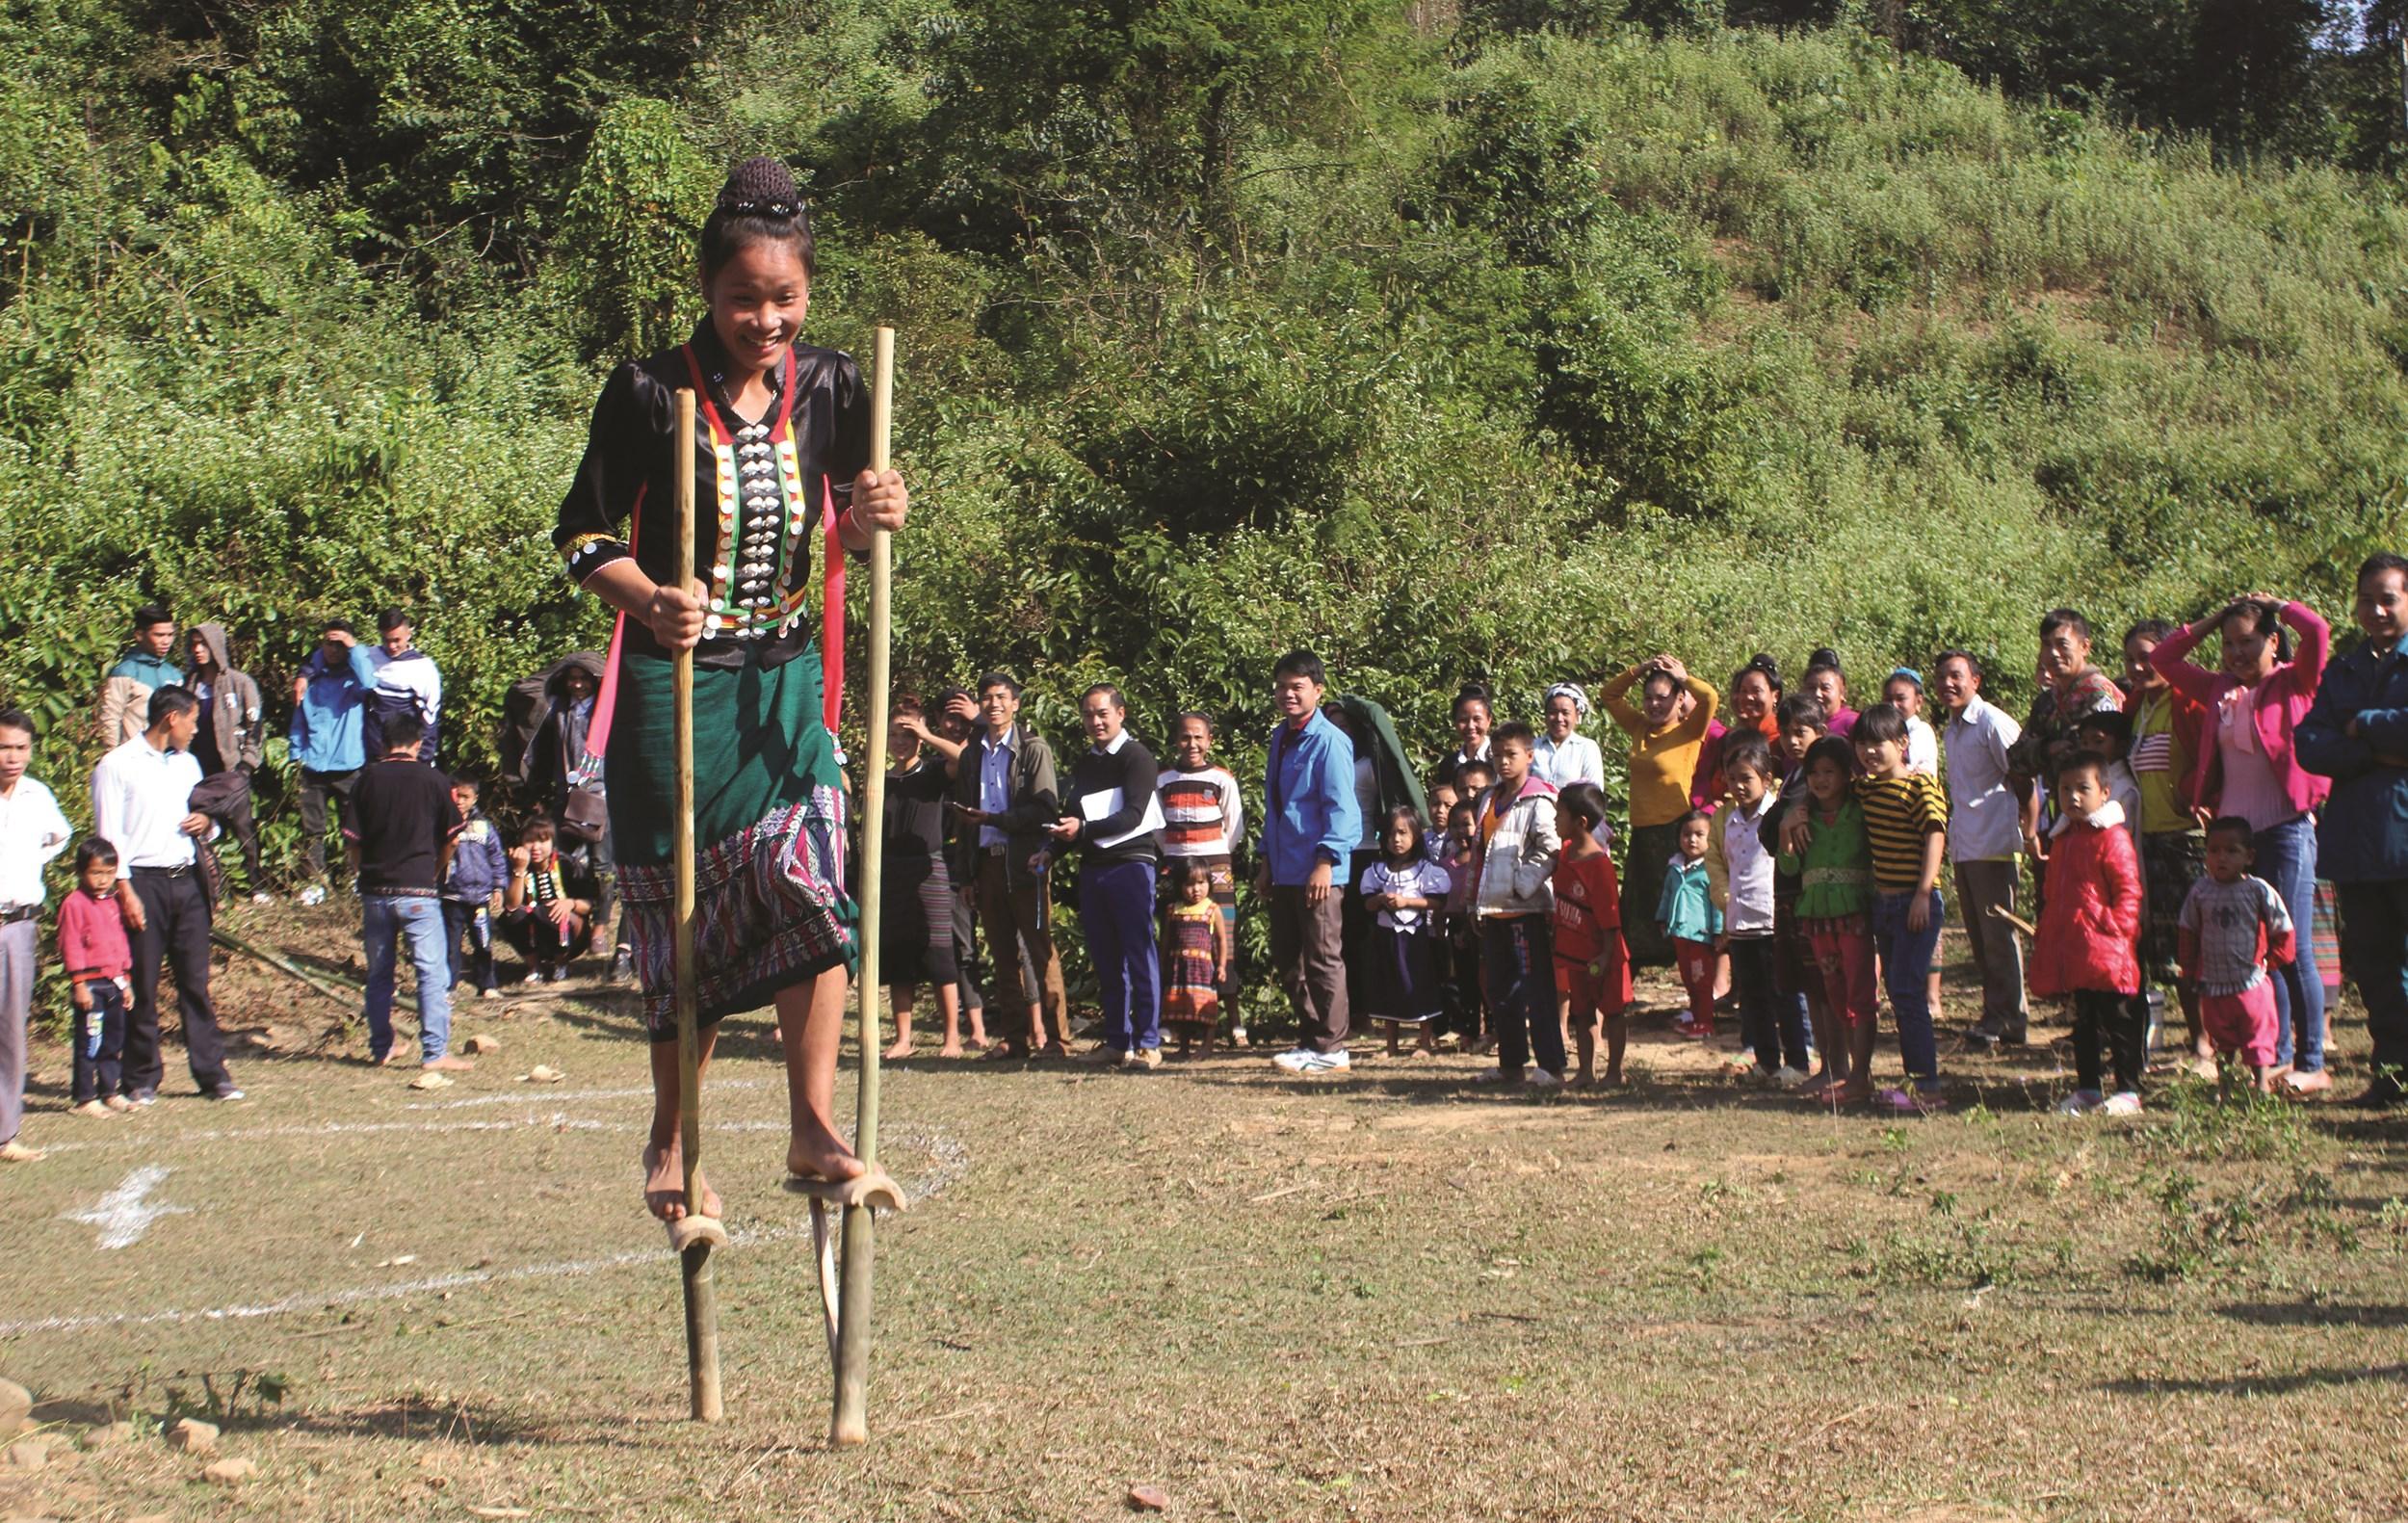 Phụ nữ dân tộc Cống tham gia trò chơi đi cà kheo trong dịp Tết hoa